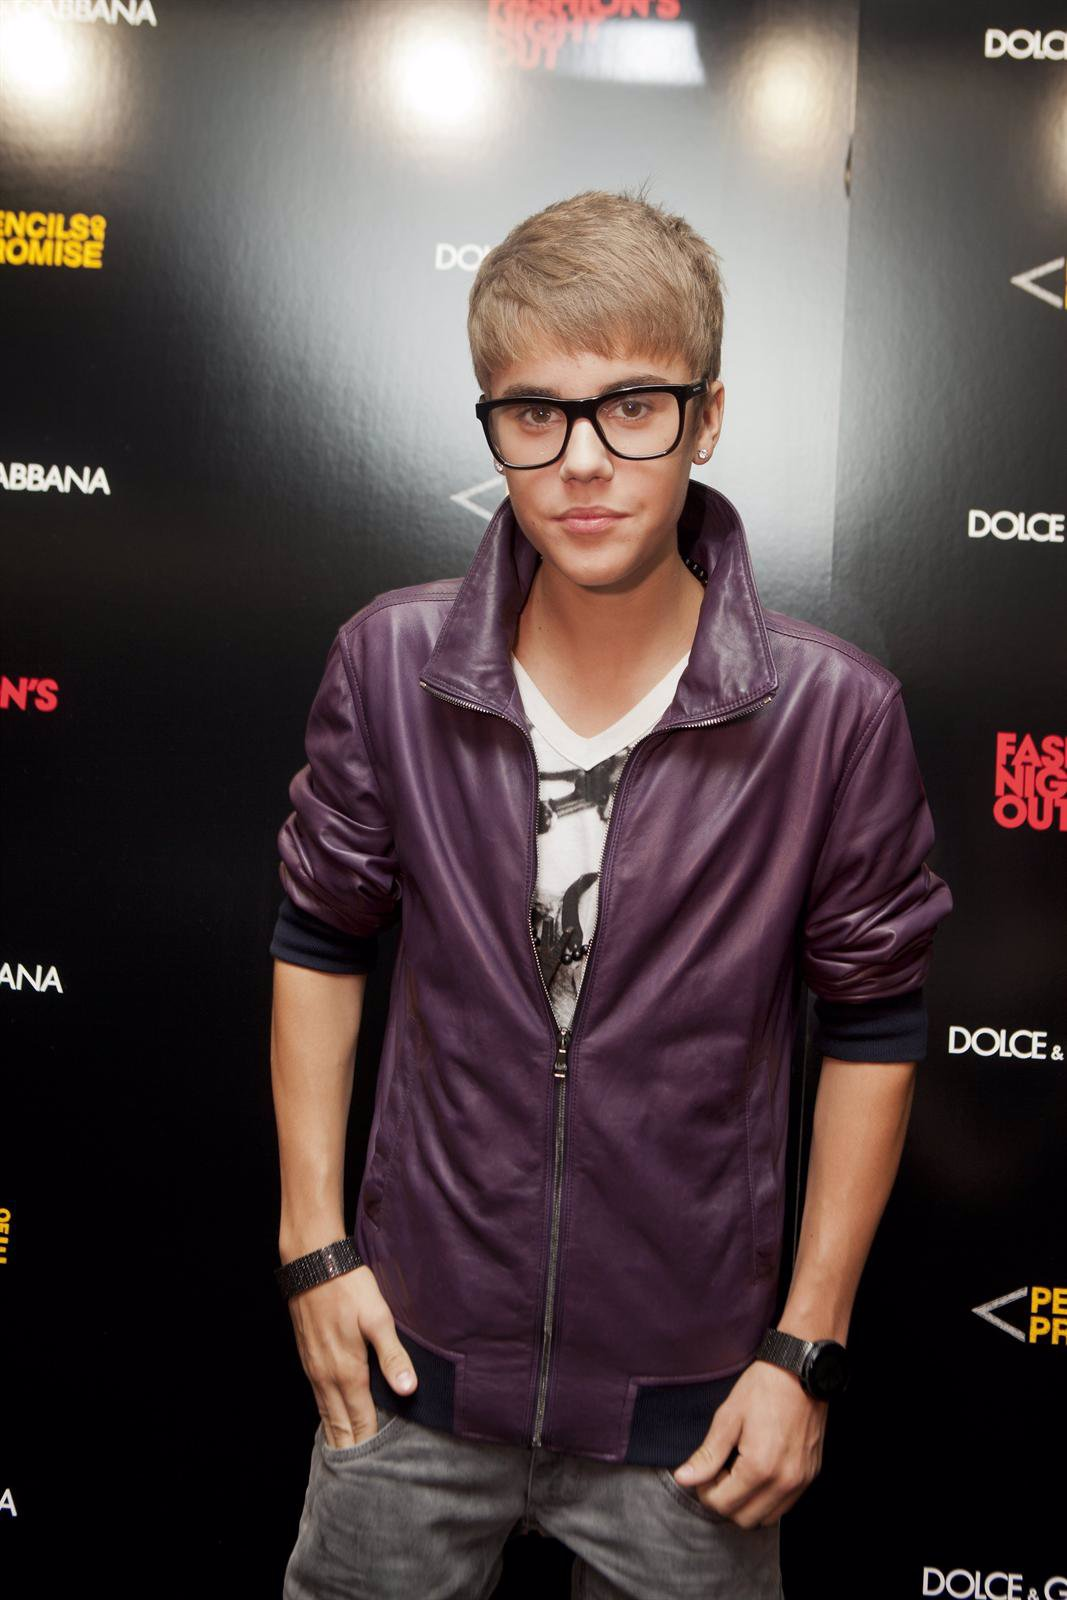 Posado De Justin Bieber En Un Photocall